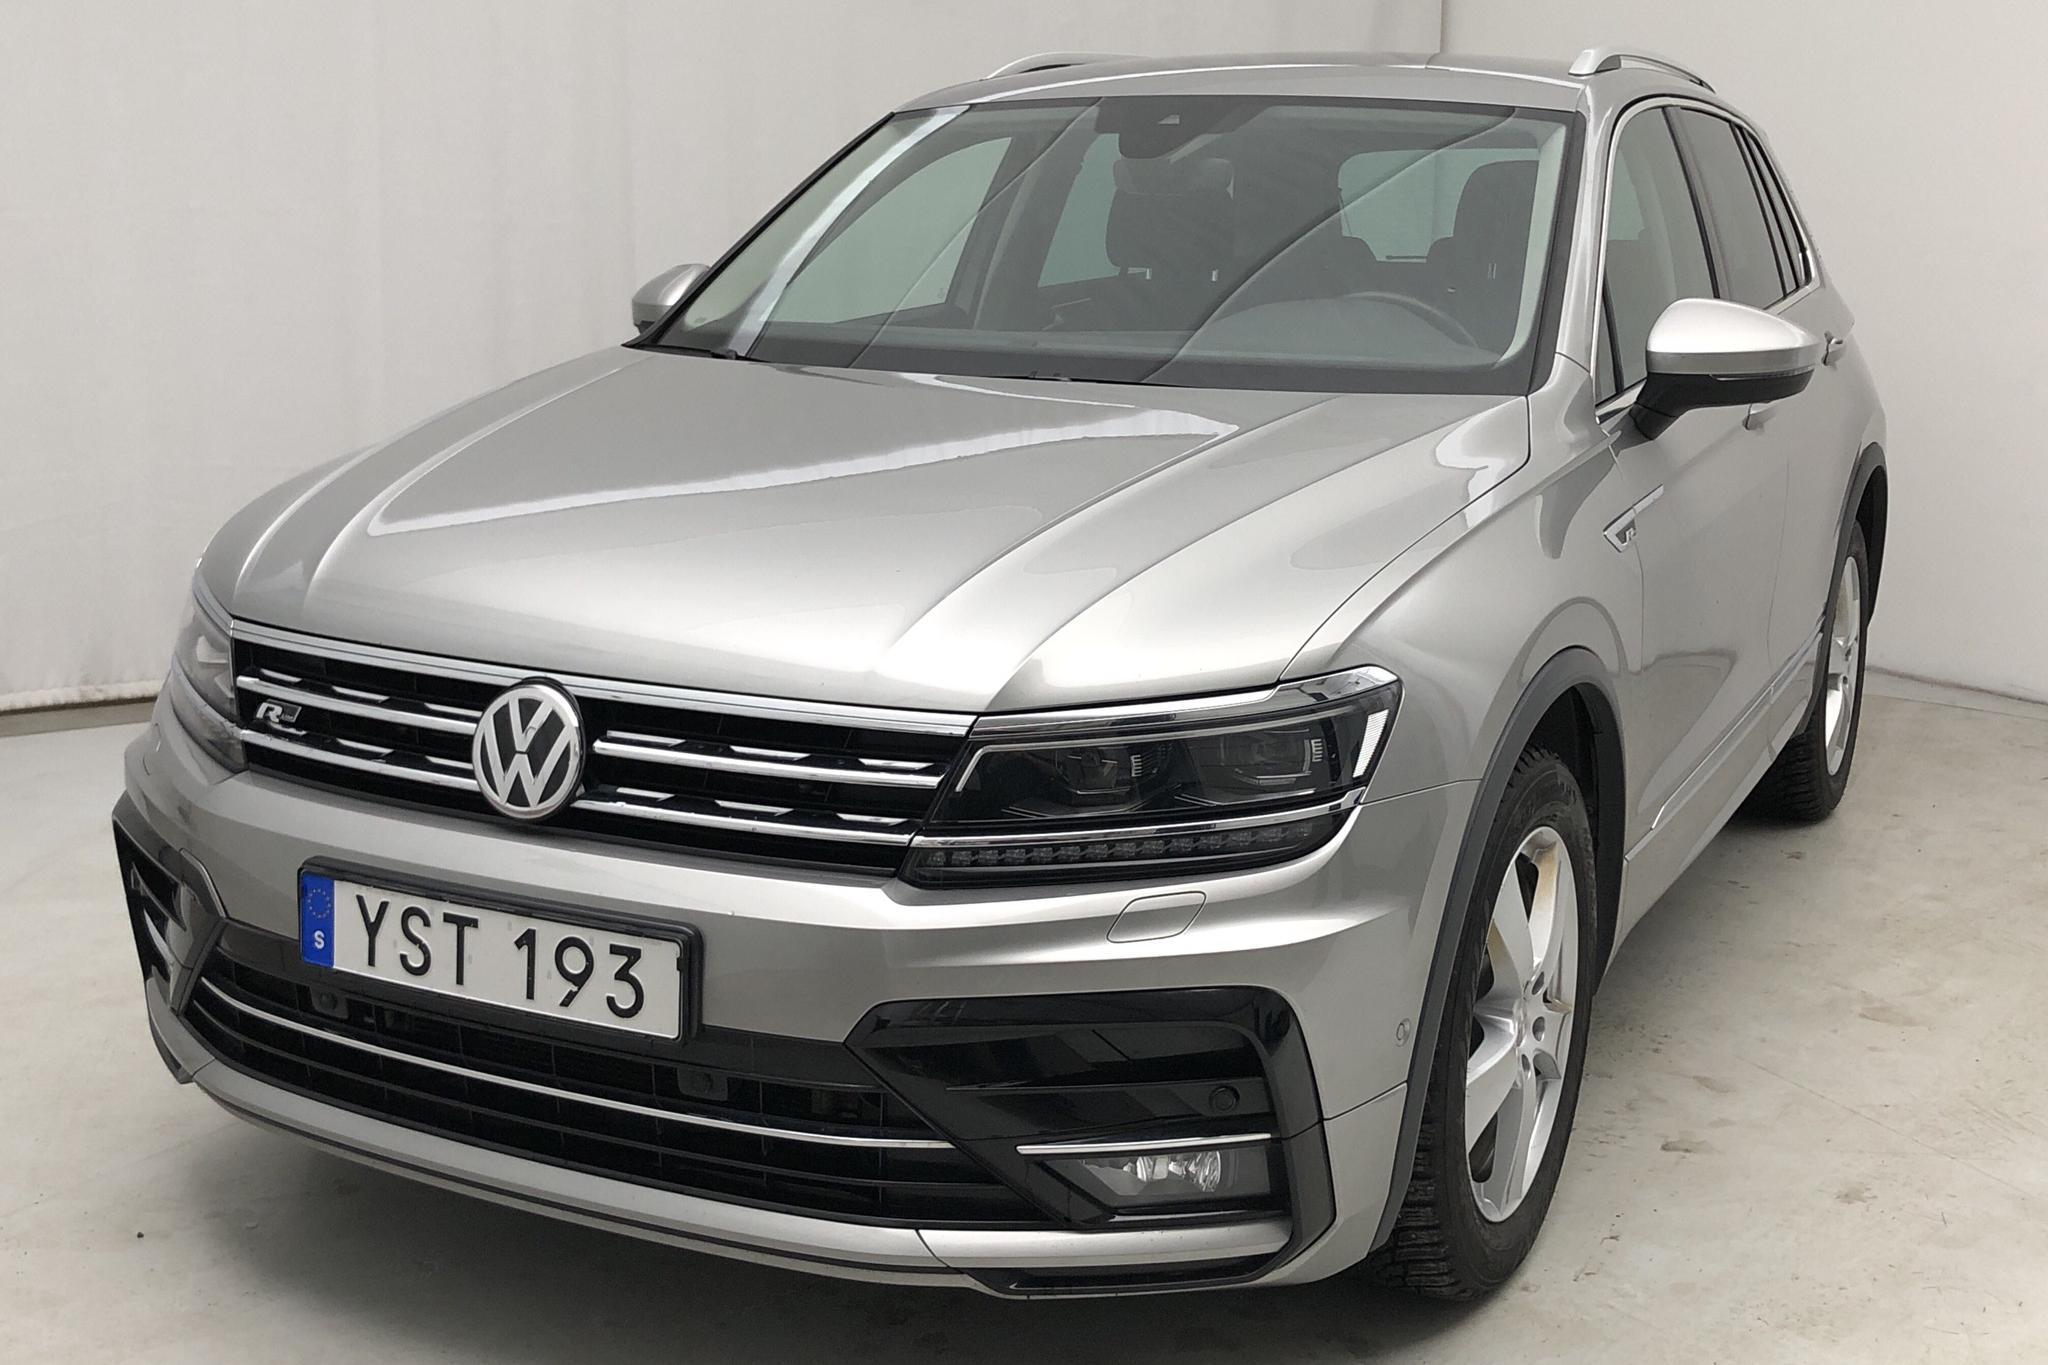 VW Tiguan 2.0 TDI 4MOTION (190hk) - 7 538 mil - Automat - silver - 2018